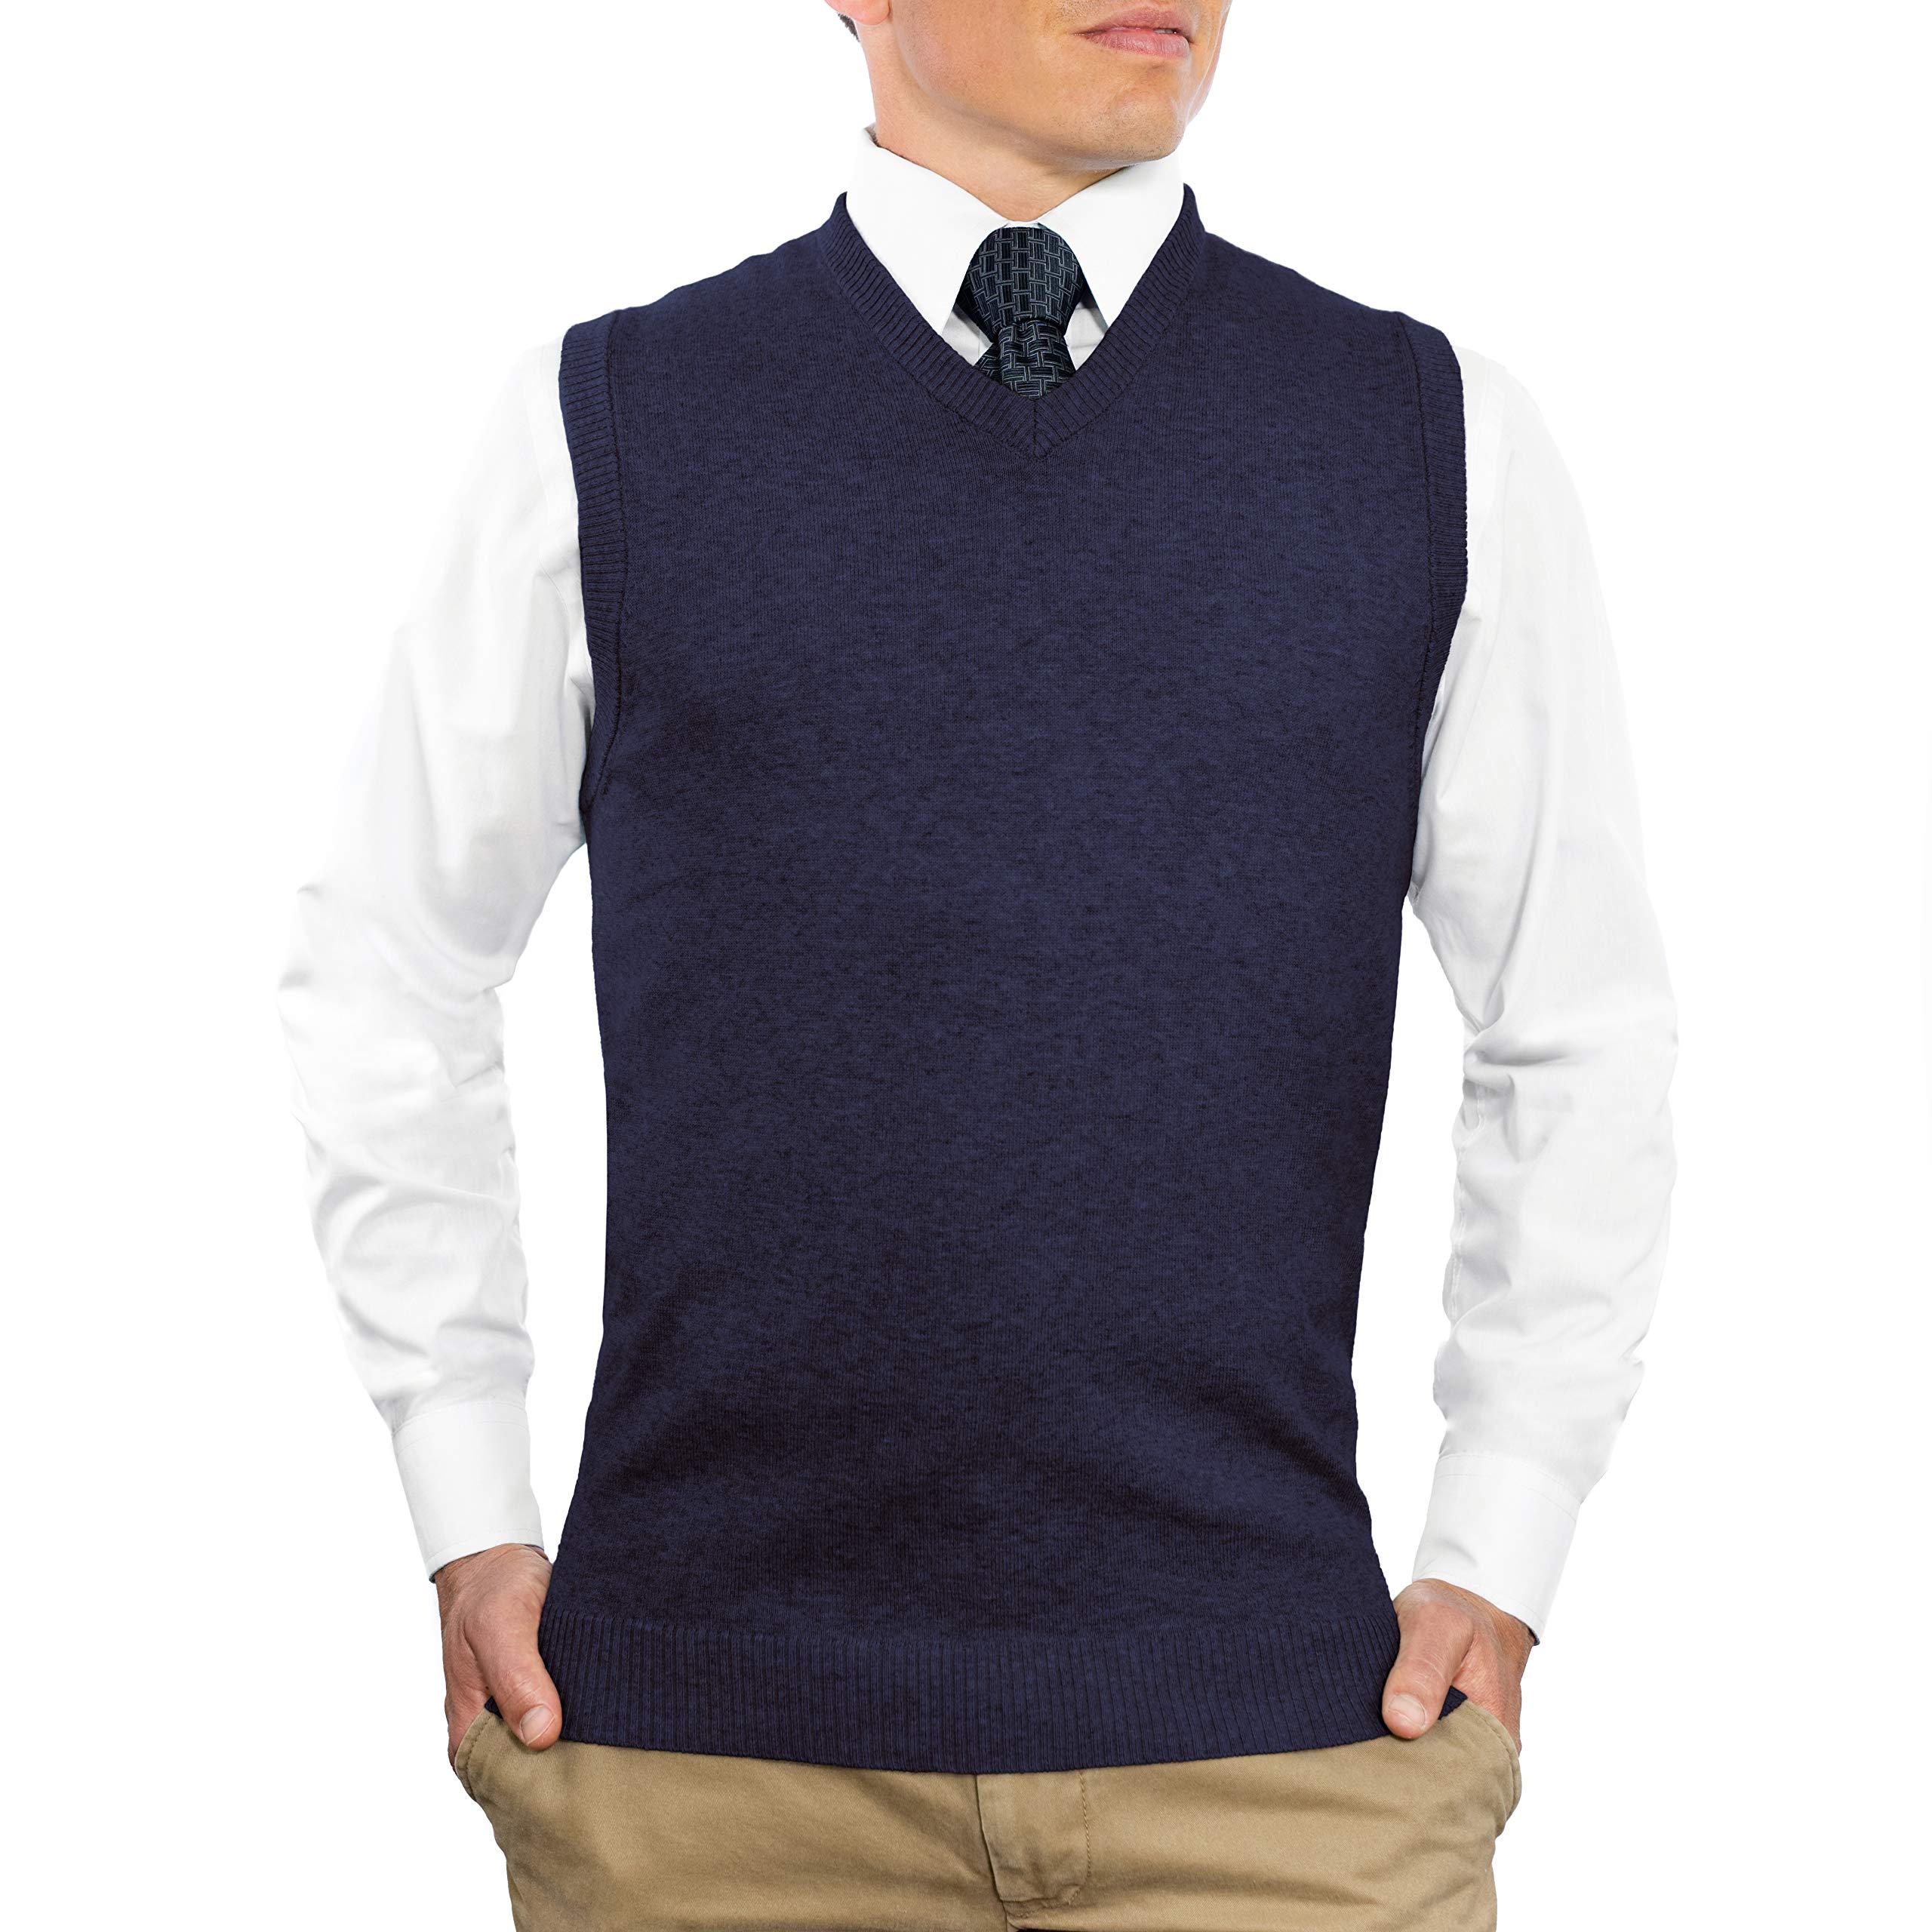 CC Cotton Blend Slim Fit V Neck Sweater Vest for Men | Lightweight Breathable Vests for Men | Wash Friendly V Neck Mens Vests, Medium, Navy Blue by Comfortably Collared